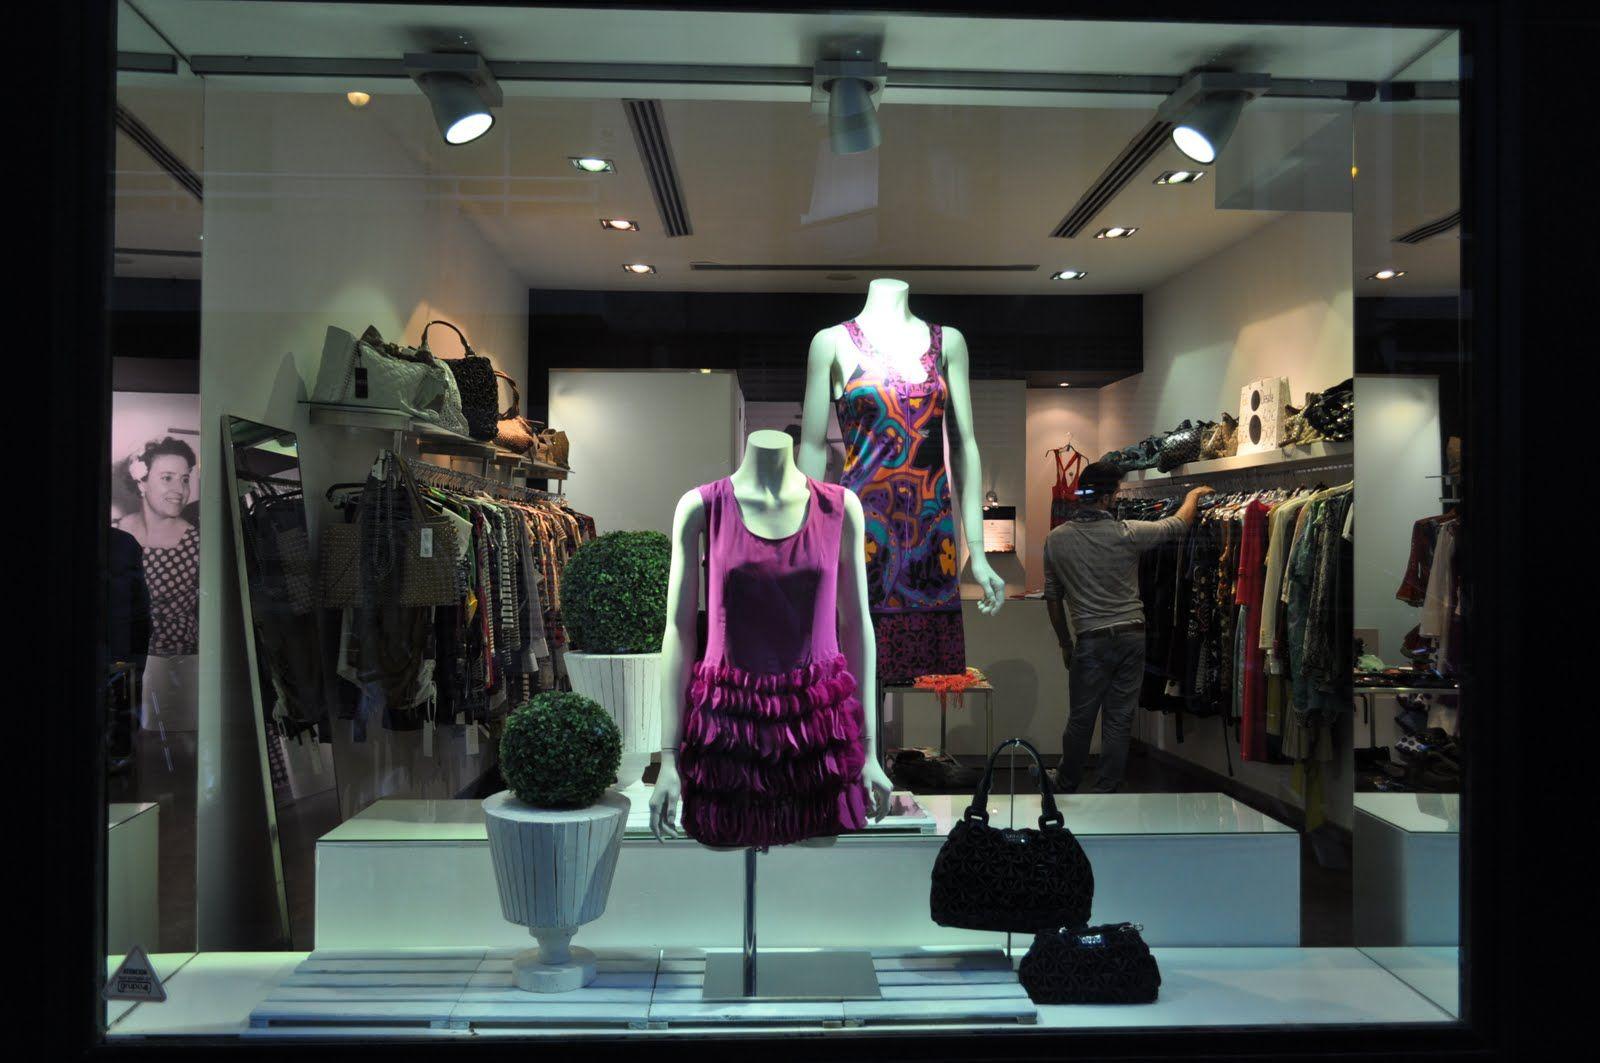 Tienda De Ropa Mujer Poco Original El Escaparate Escaparate  # Muebles Necesarios Para Una Tienda De Ropa